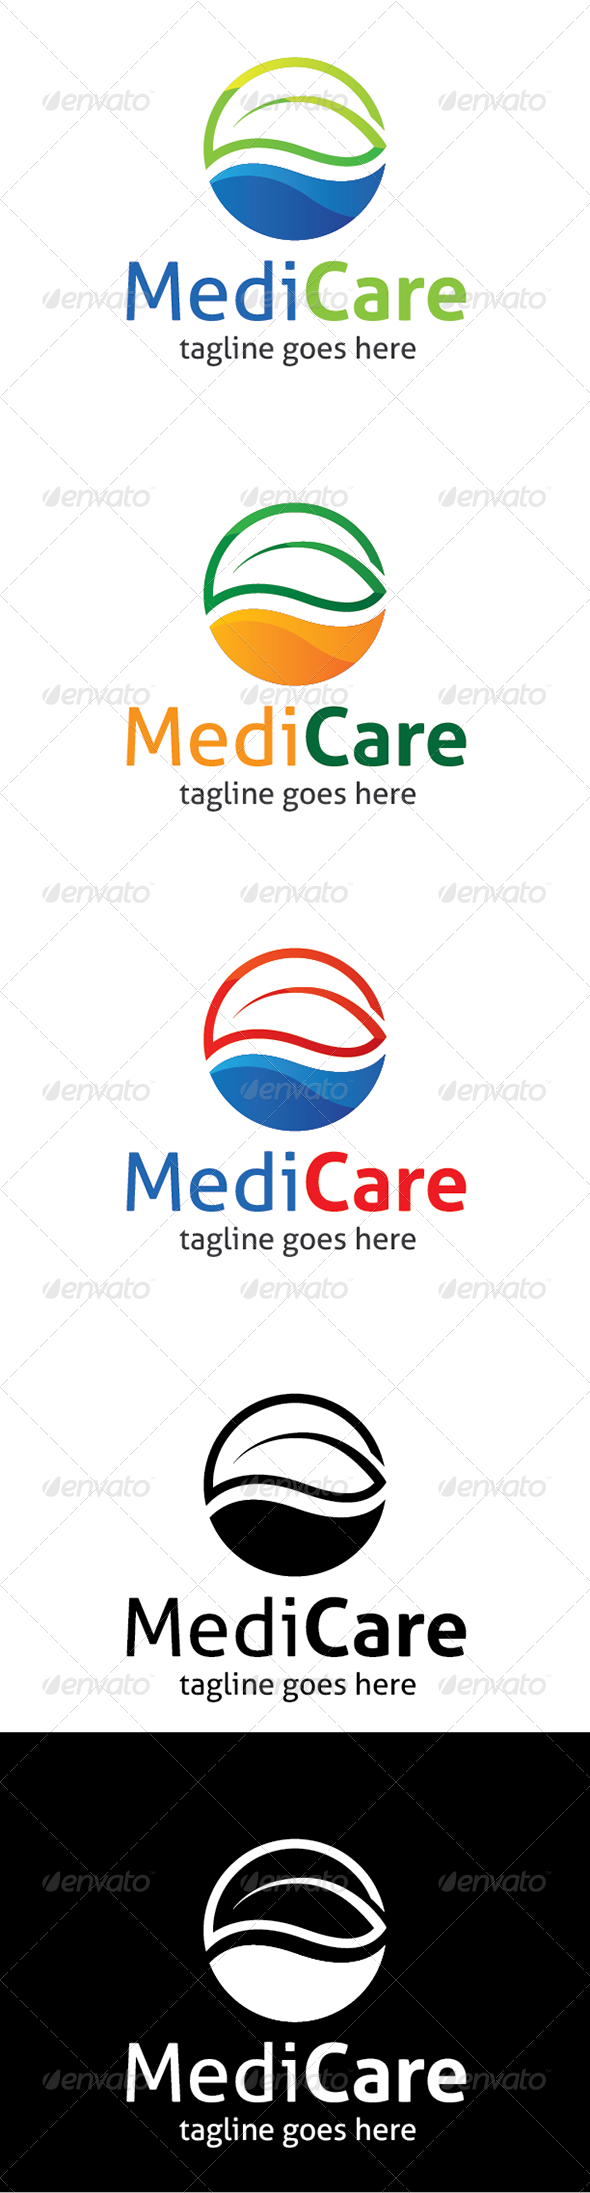 GraphicRiver MediCare Logo 6819099